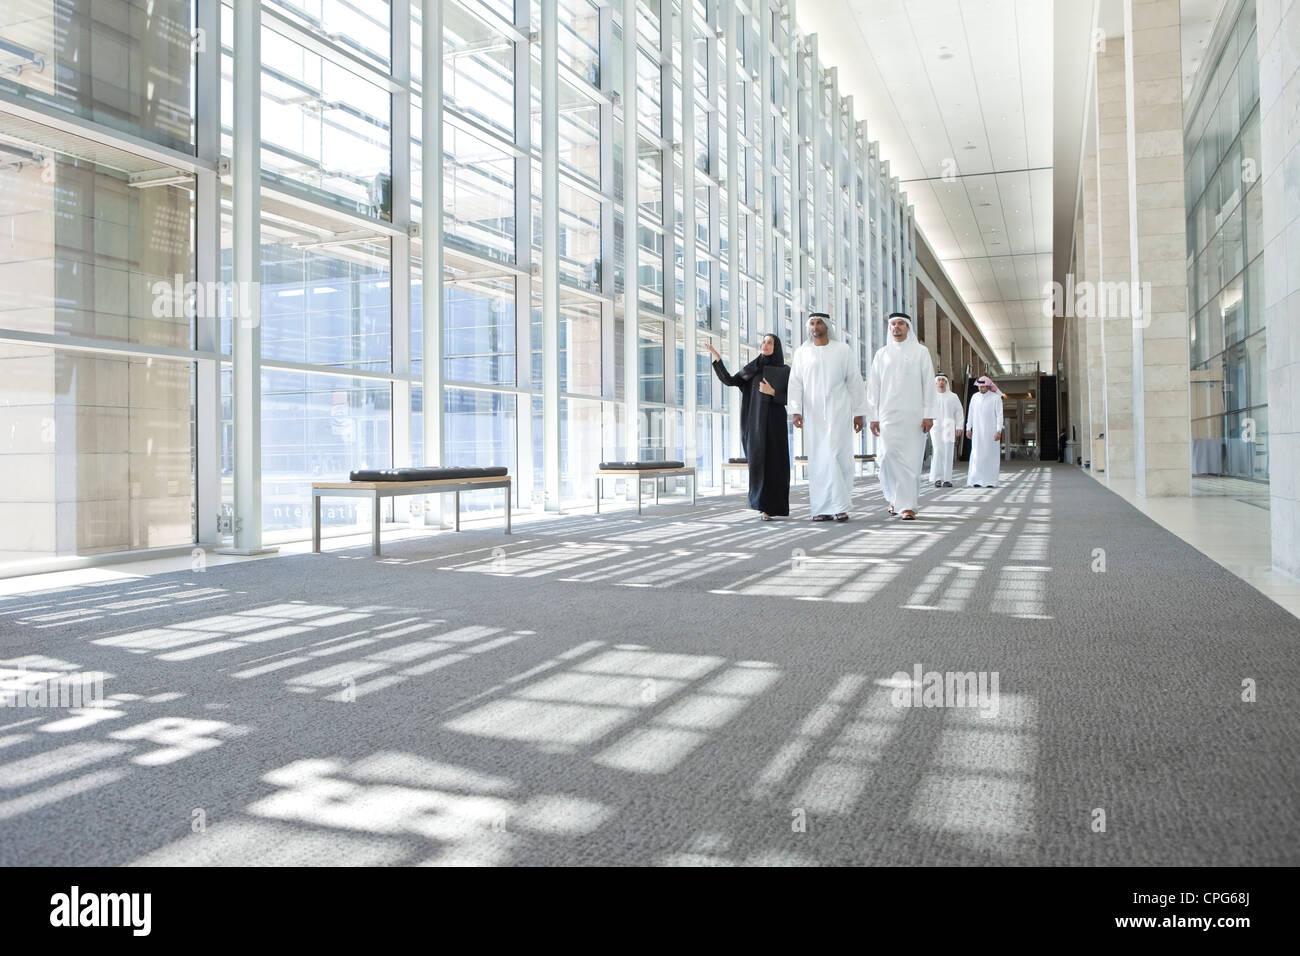 Les gens d'affaires à parler tout en marchant dans le couloir. bureau Photo Stock